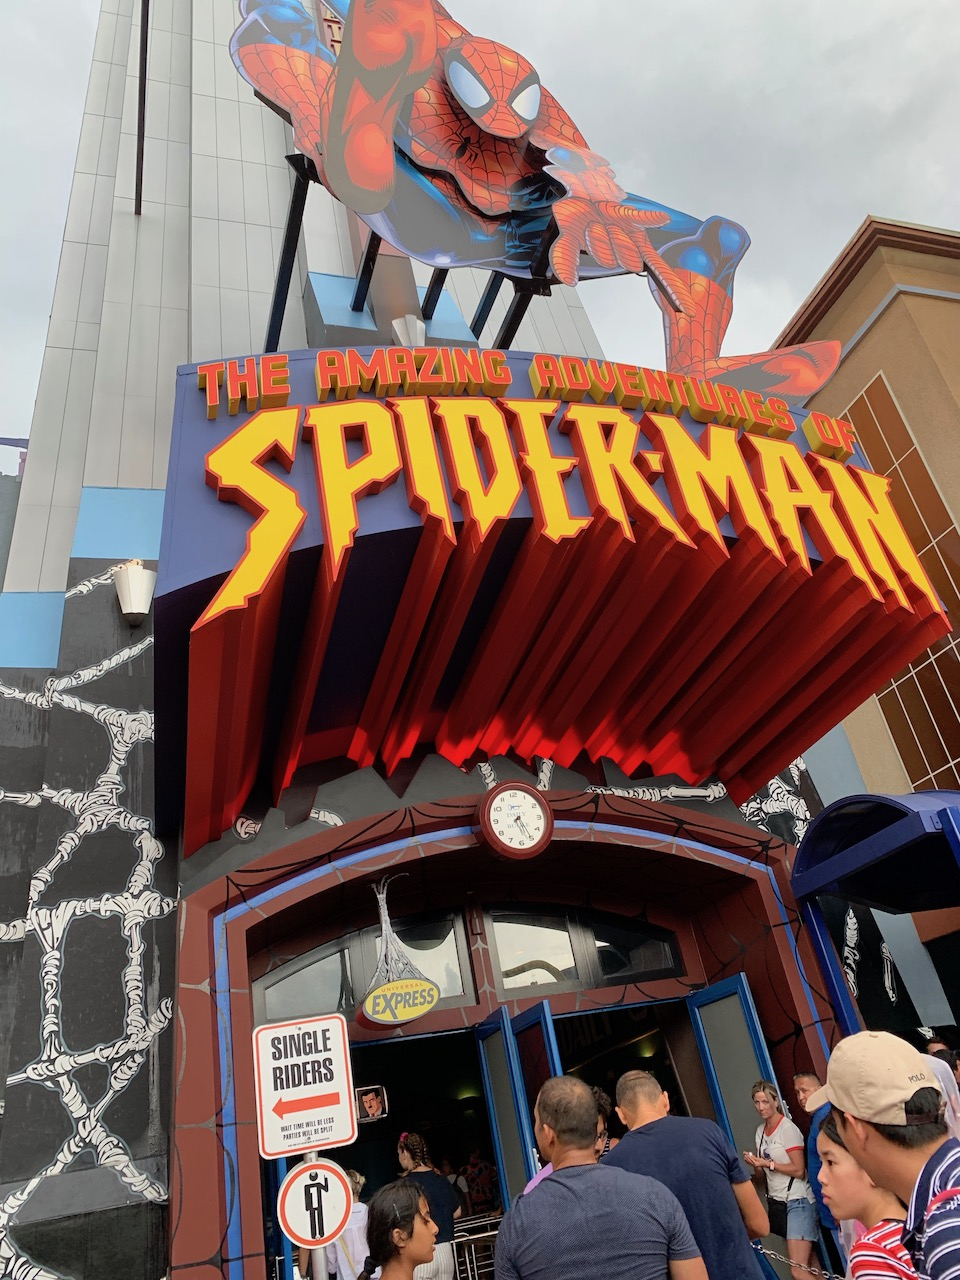 universal orlando summer 2019 trip report part 7 spider man.jpeg